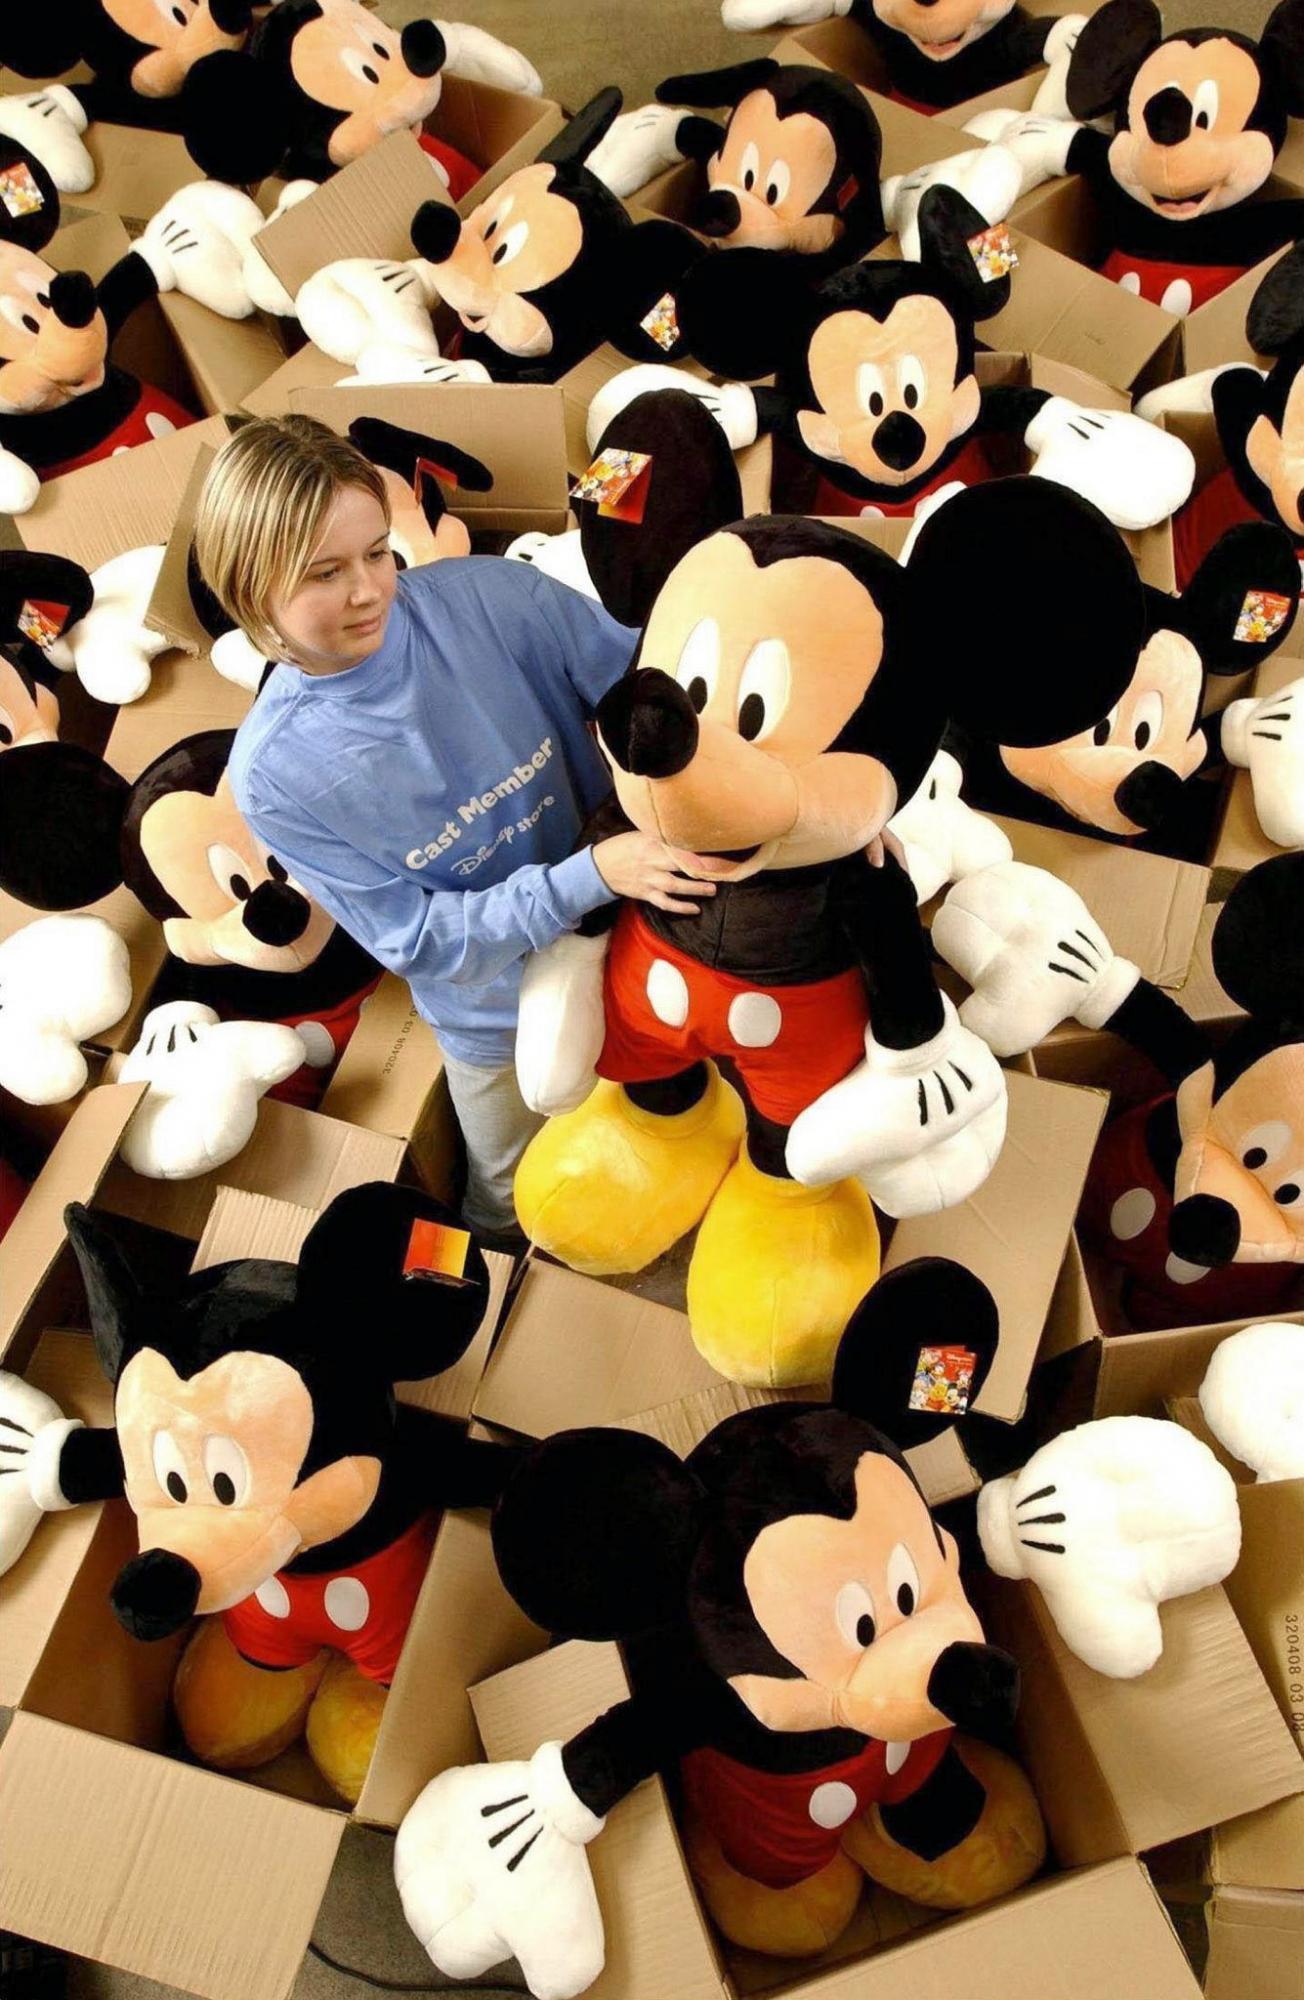 Mickey Mouse, emblema de la compañía Disney, cumple 90 años. (Adrian Brooks / EFE)